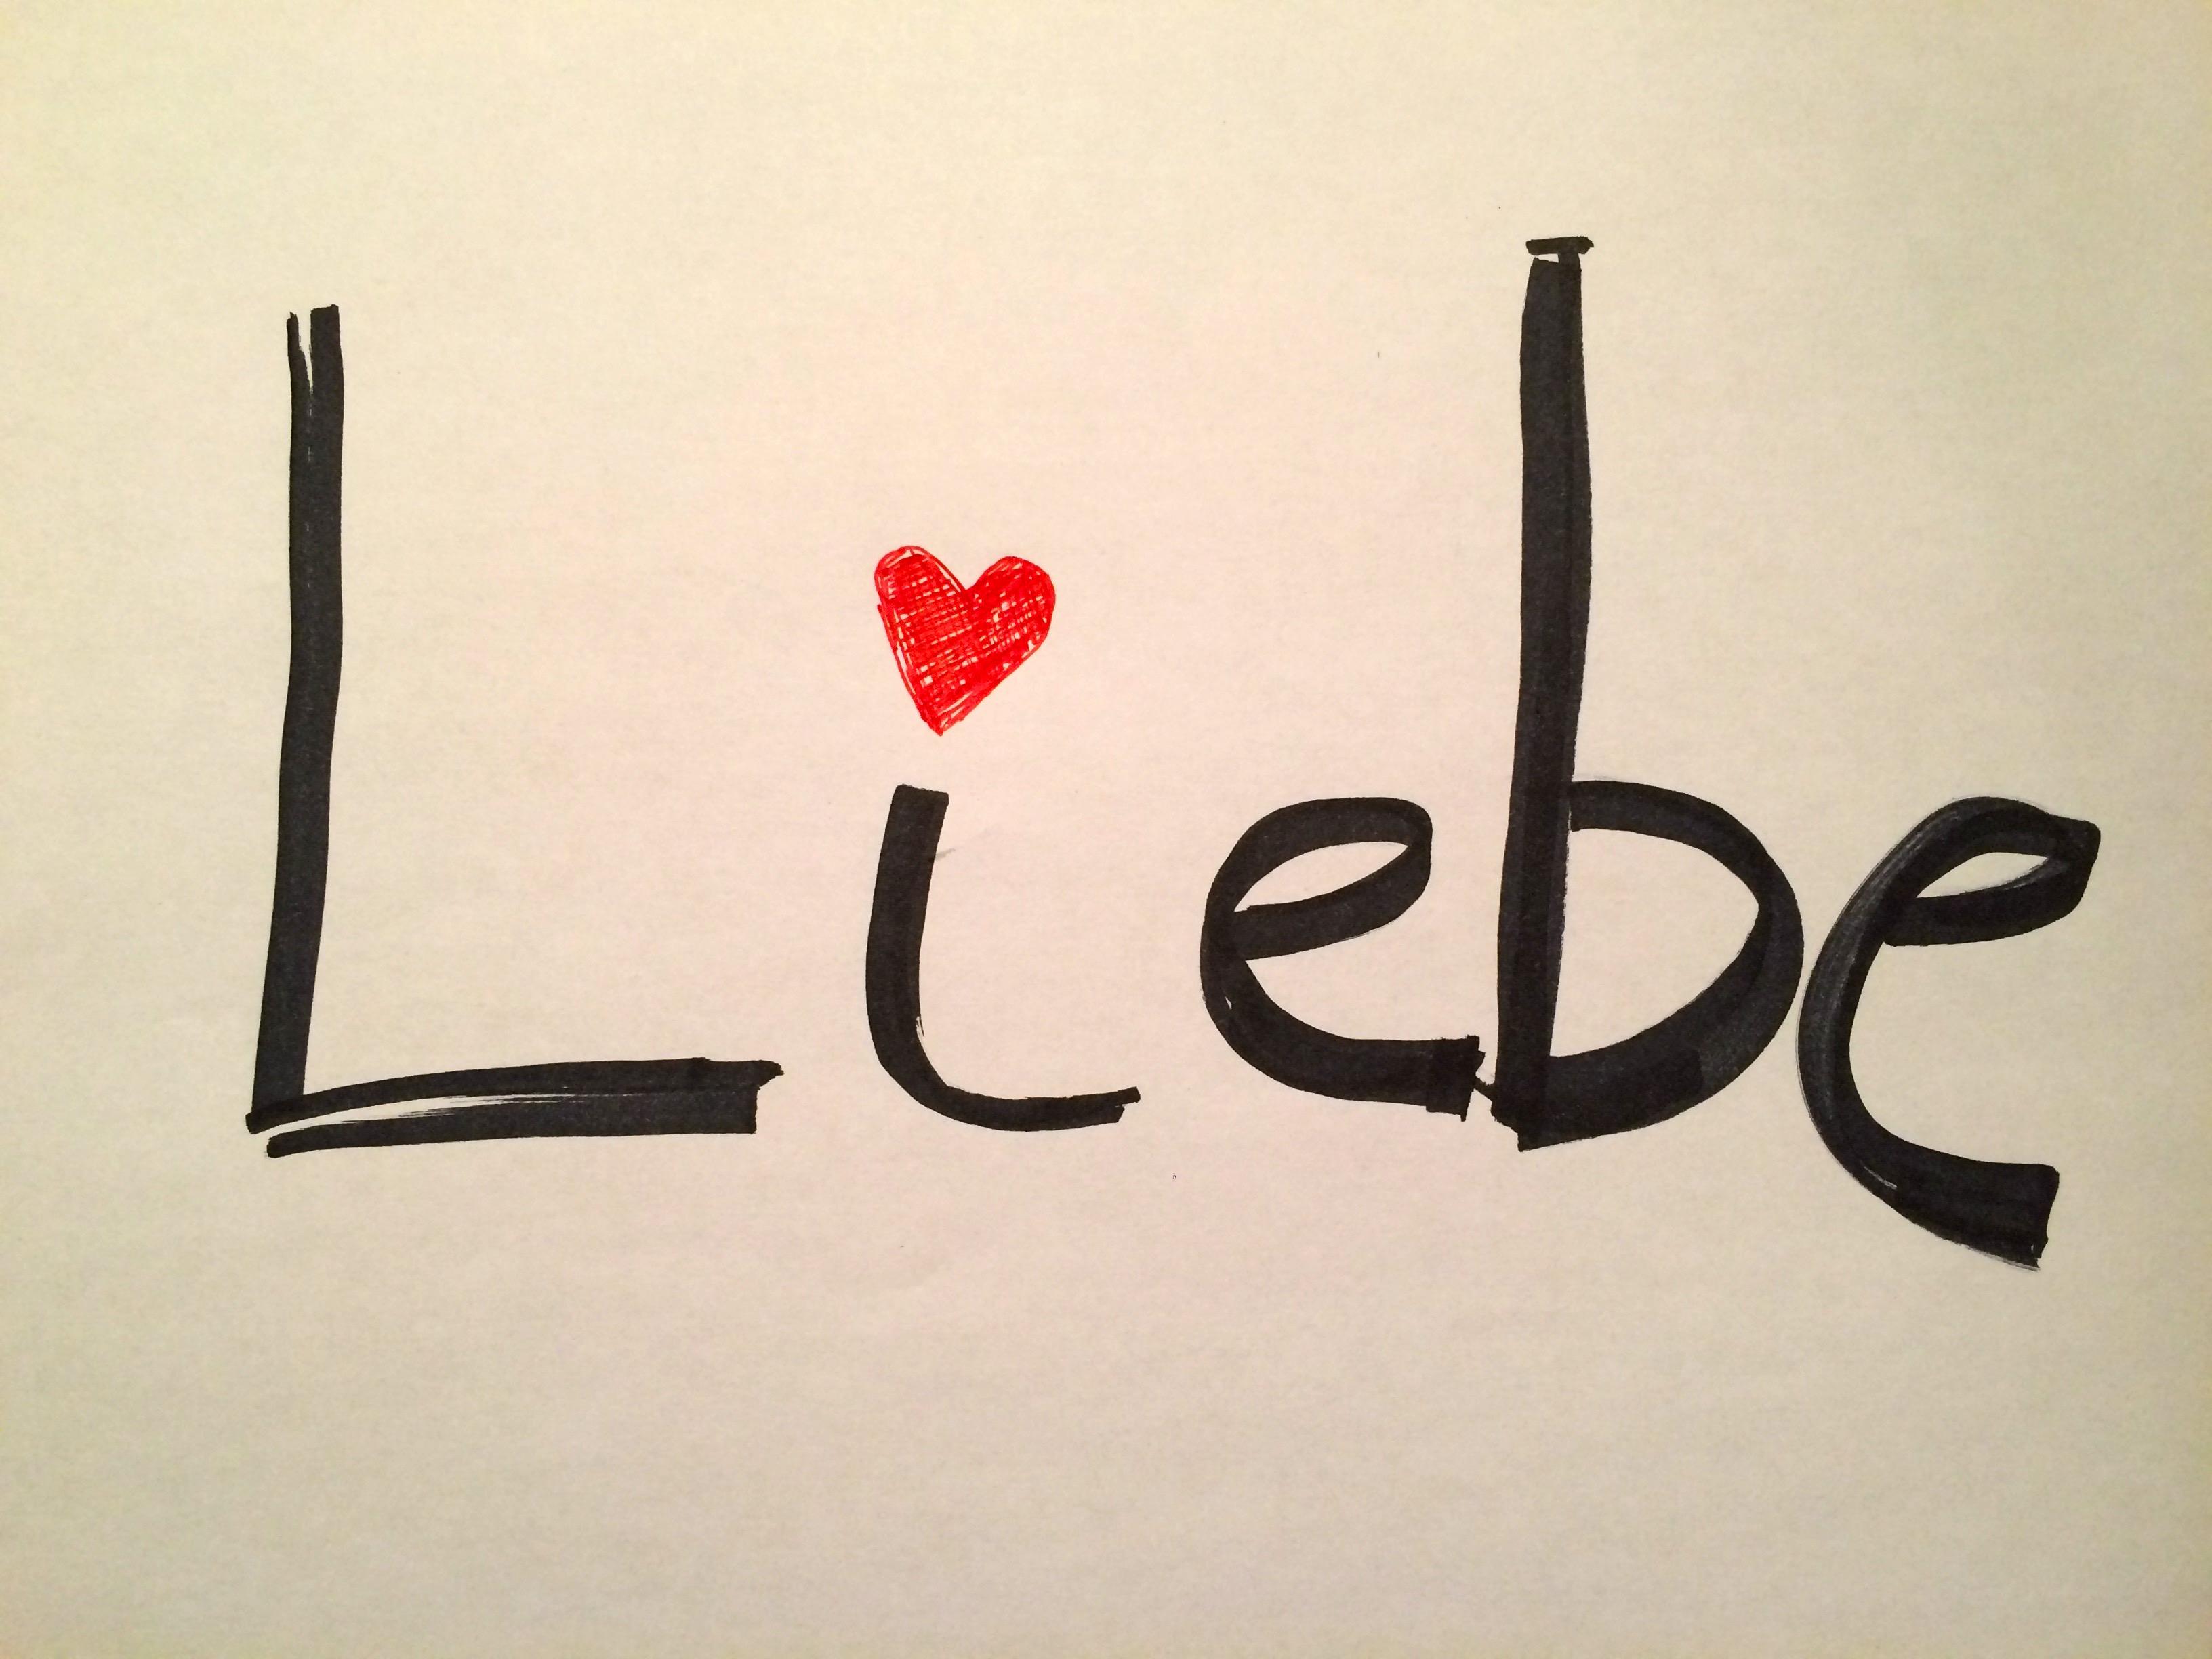 Verlust der Liebe - Mein Partner liebt mich nicht mehr. Ich liebe Dich nicht mehr. Wenn der Partner nicht mehr liebt.